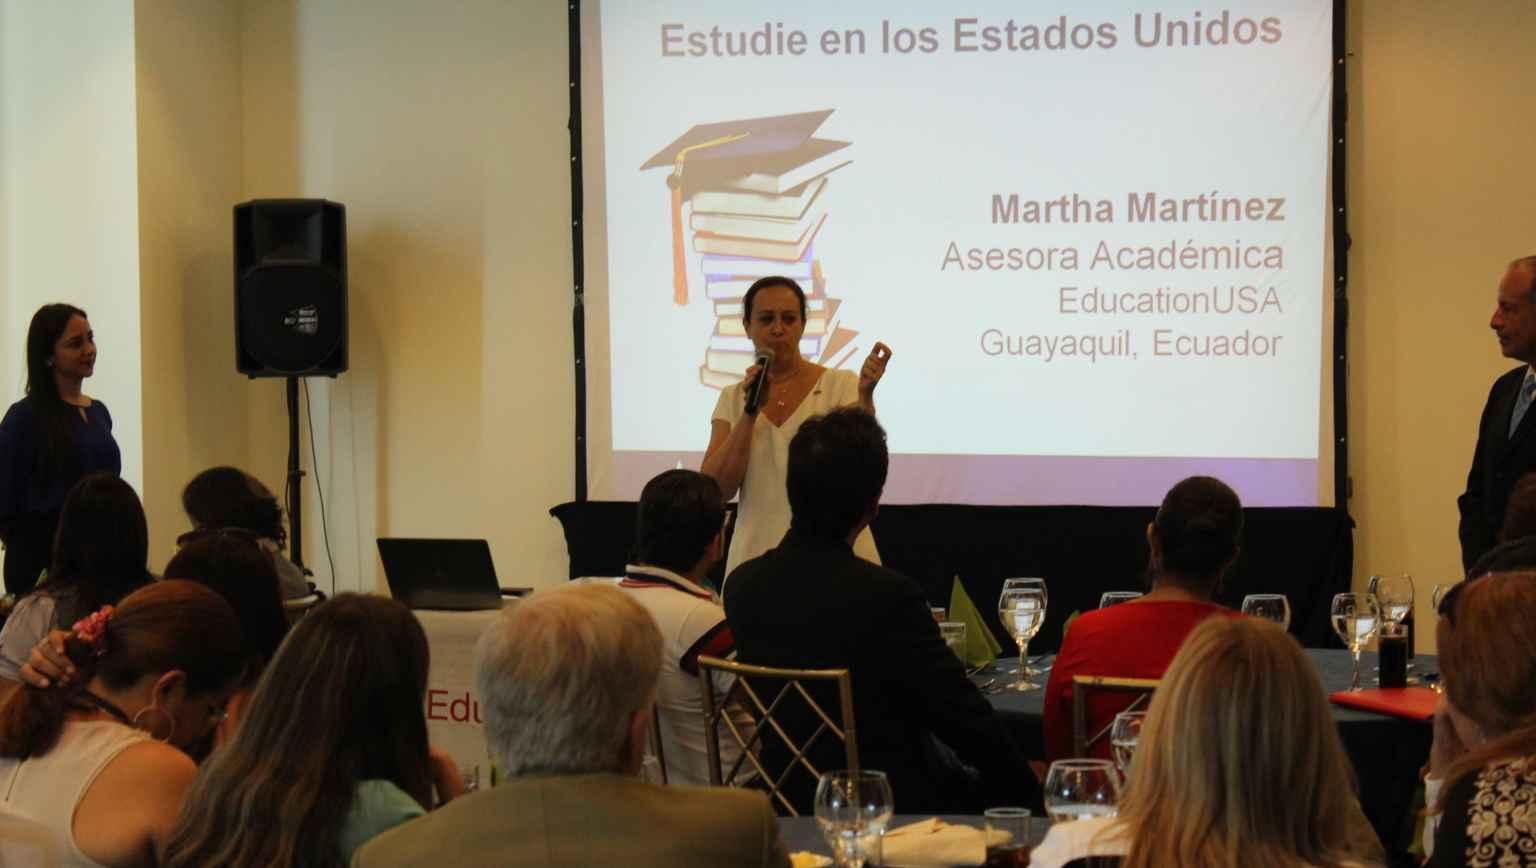 Studies in the US workshop Estudios en los Esatados Unidos